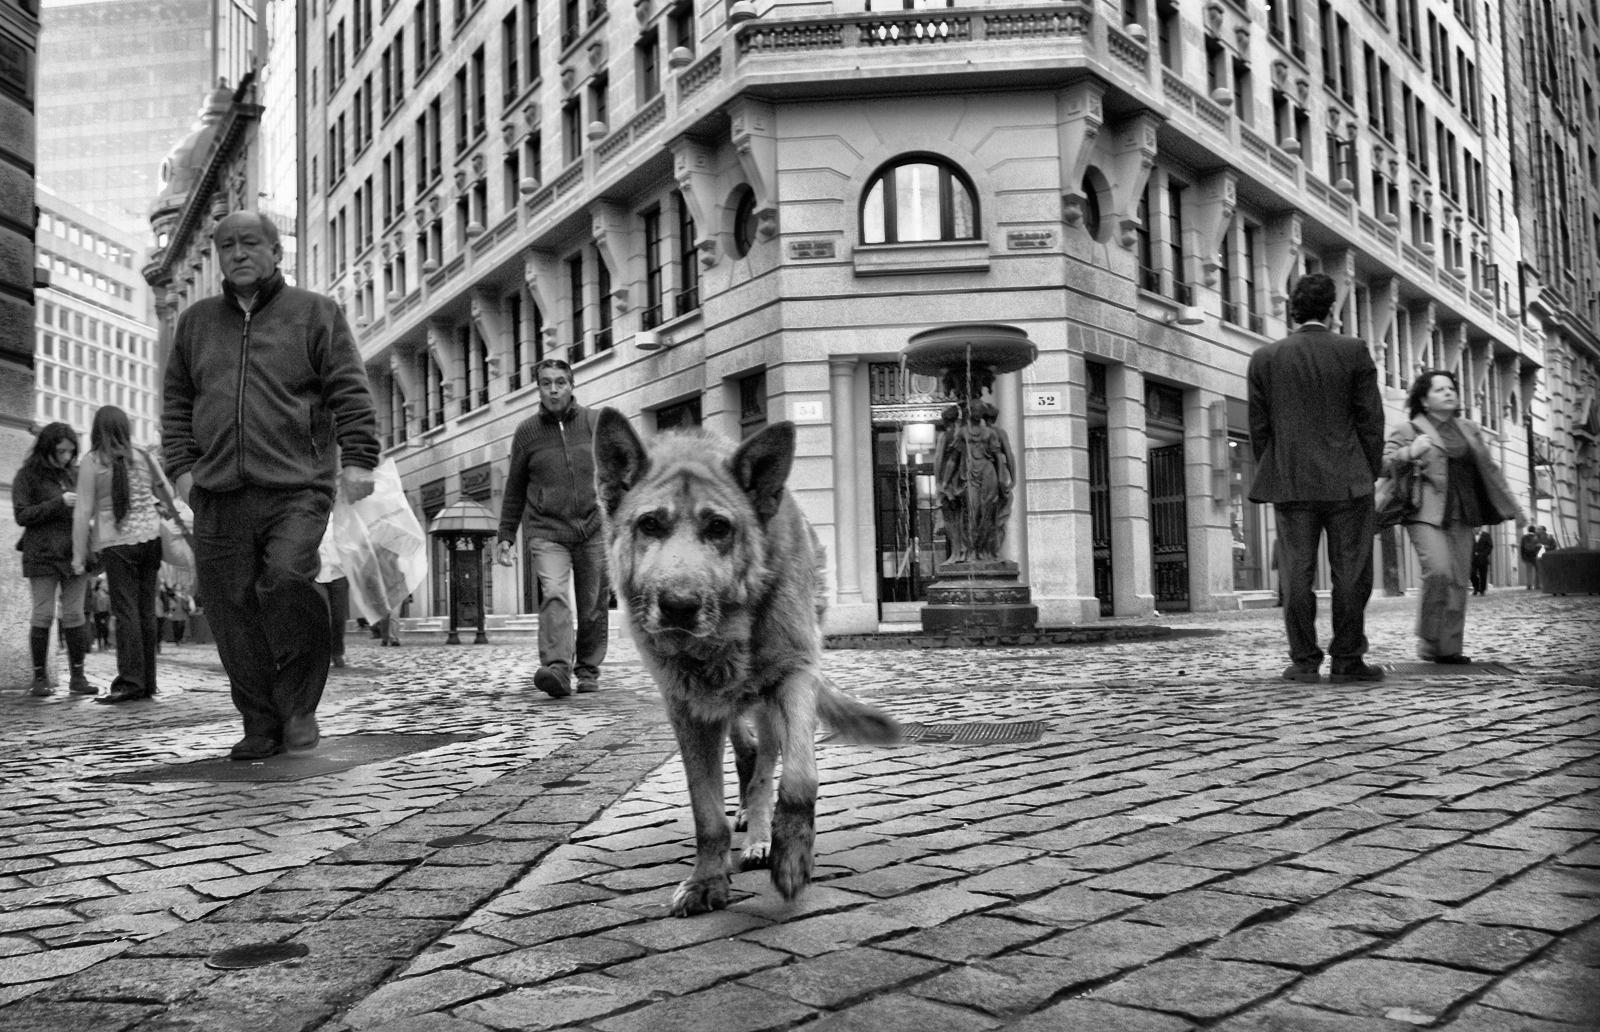 Santiago de Chile by Manuel Alejandro Venegas Bonilla